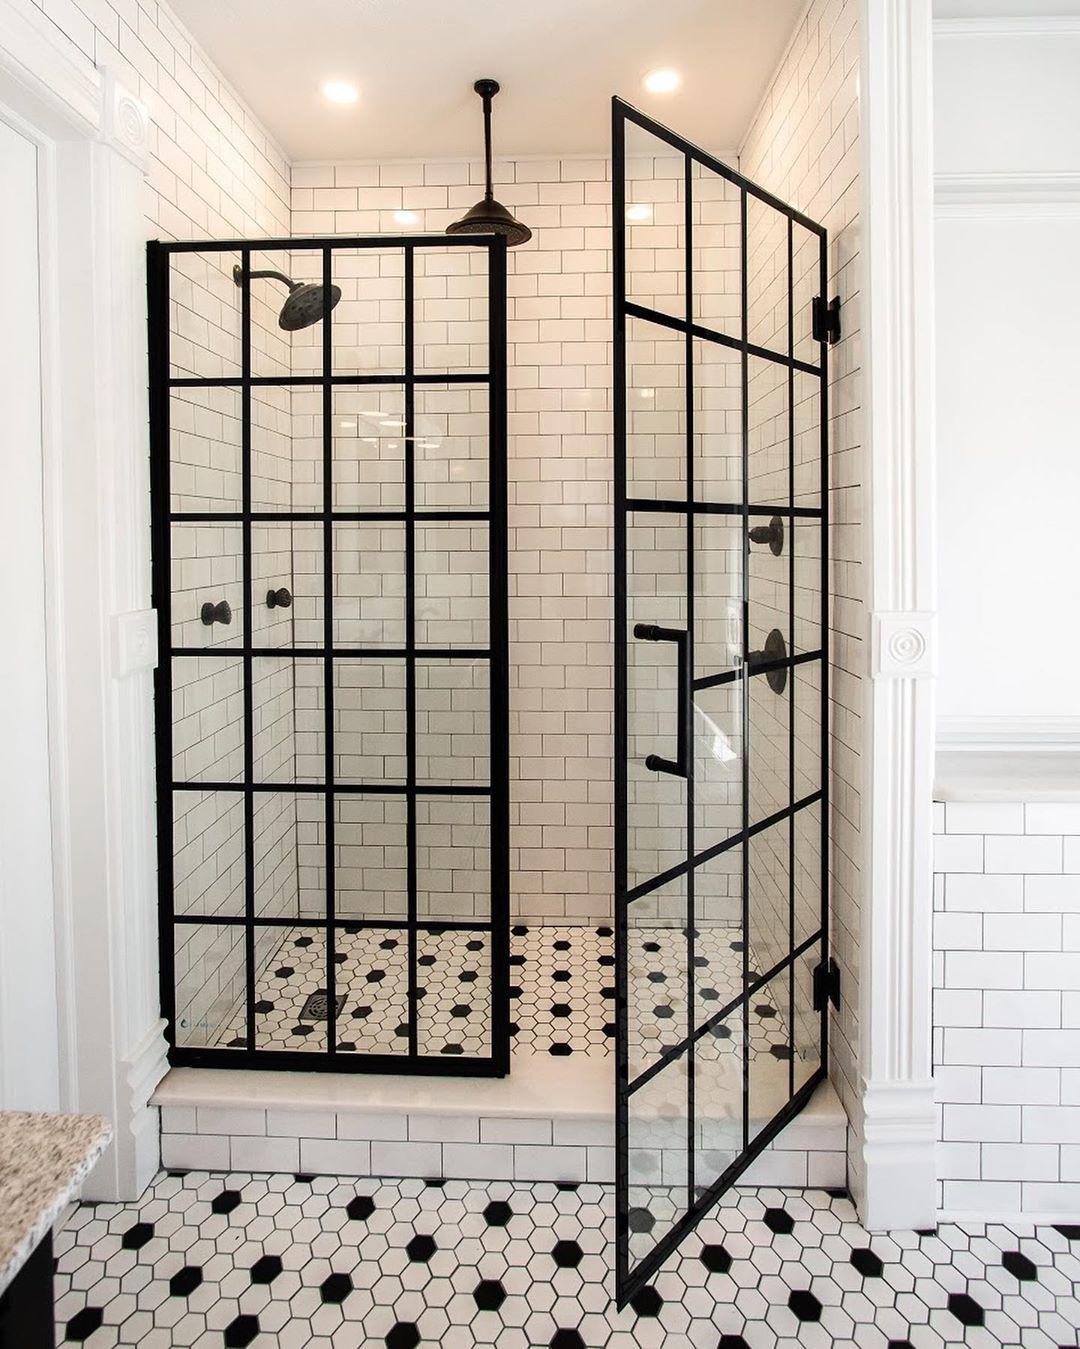 An Amazing Bathroom Featuring The Dreamline Unidoor Toulon Shower Door In 2020 Amazing Bathrooms Bathroom Decor Shower Doors